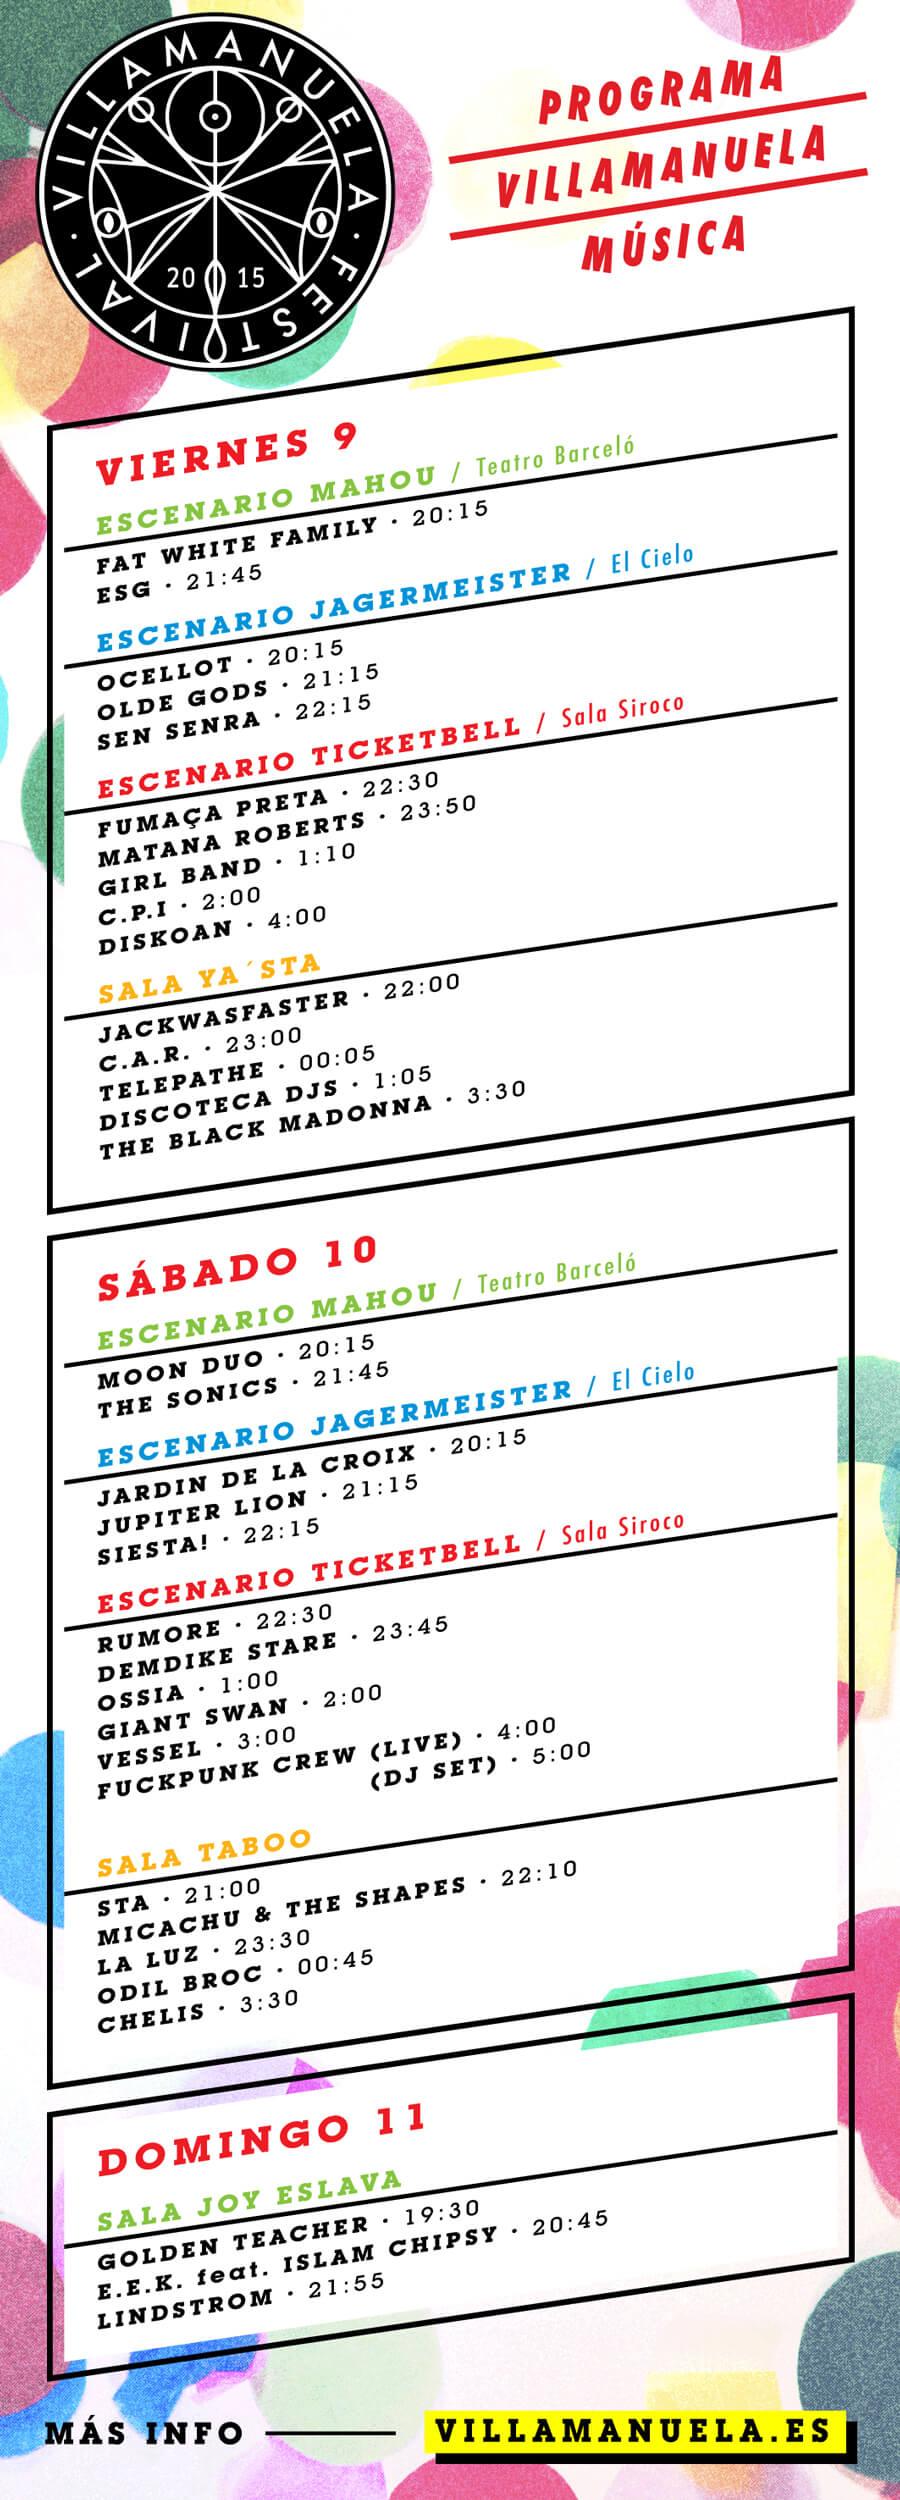 horarios-villamanuela-2015